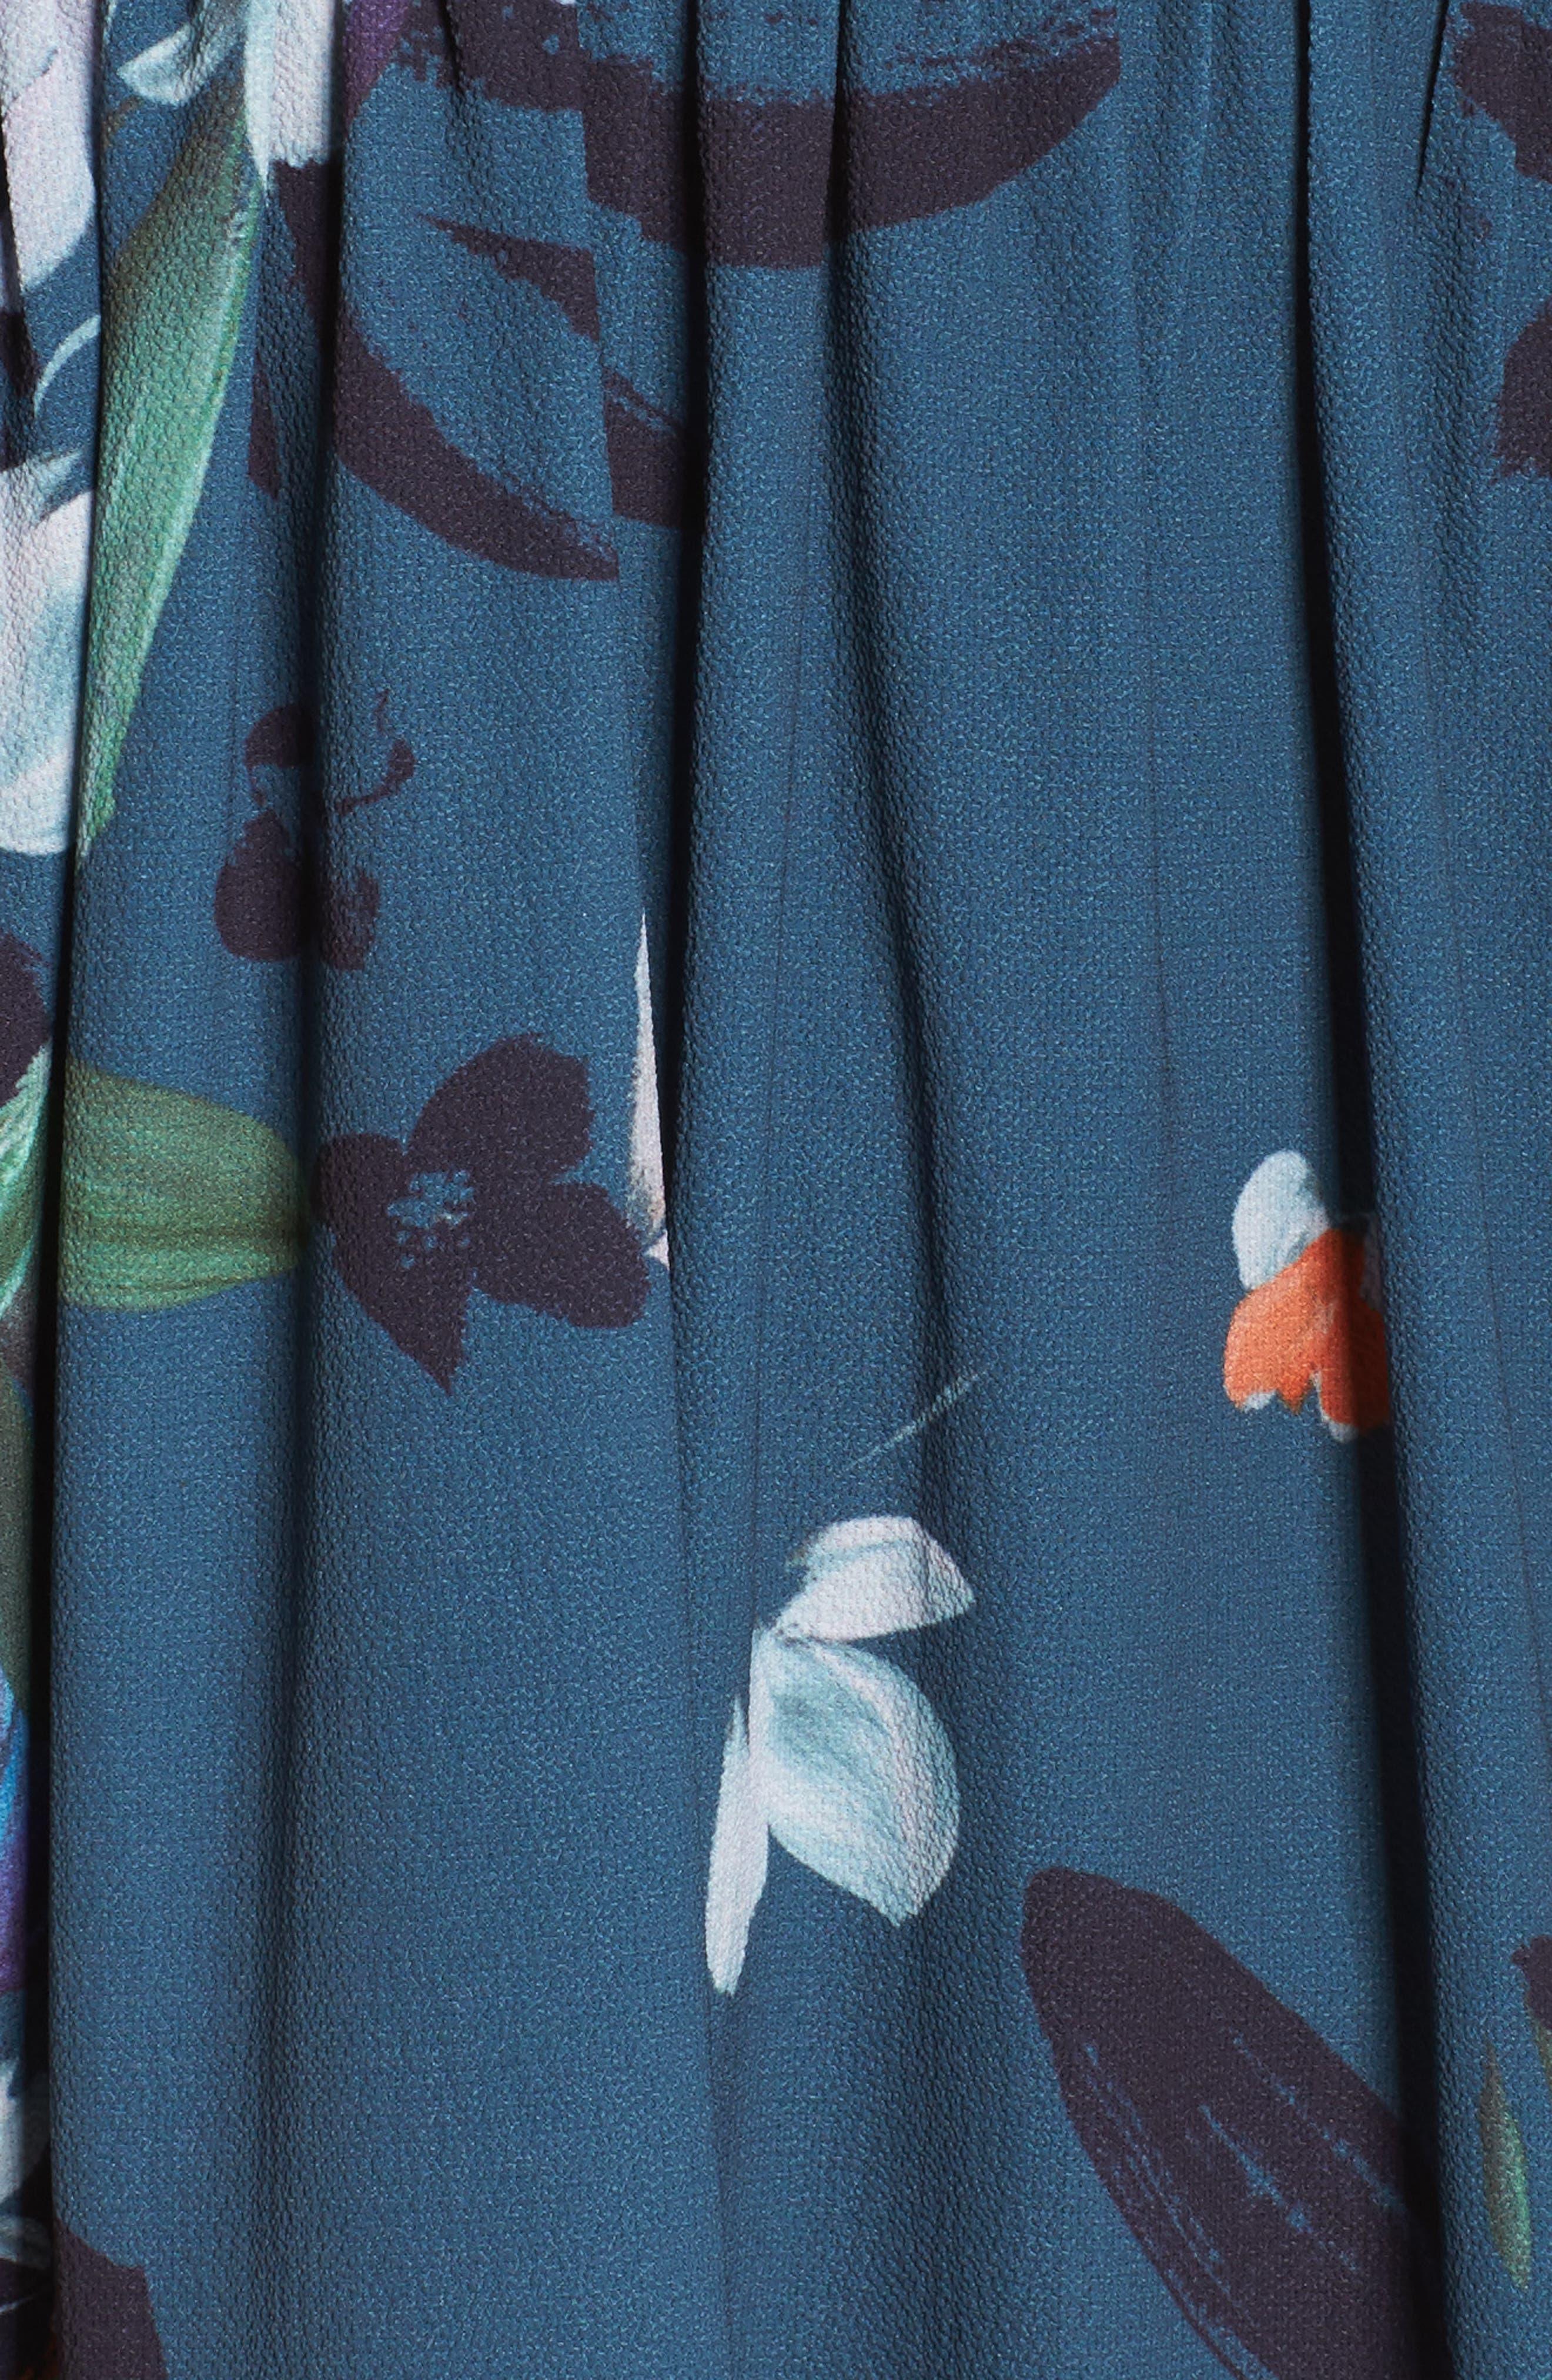 Celia Midi Dress,                             Alternate thumbnail 5, color,                             Deep Teal Multi